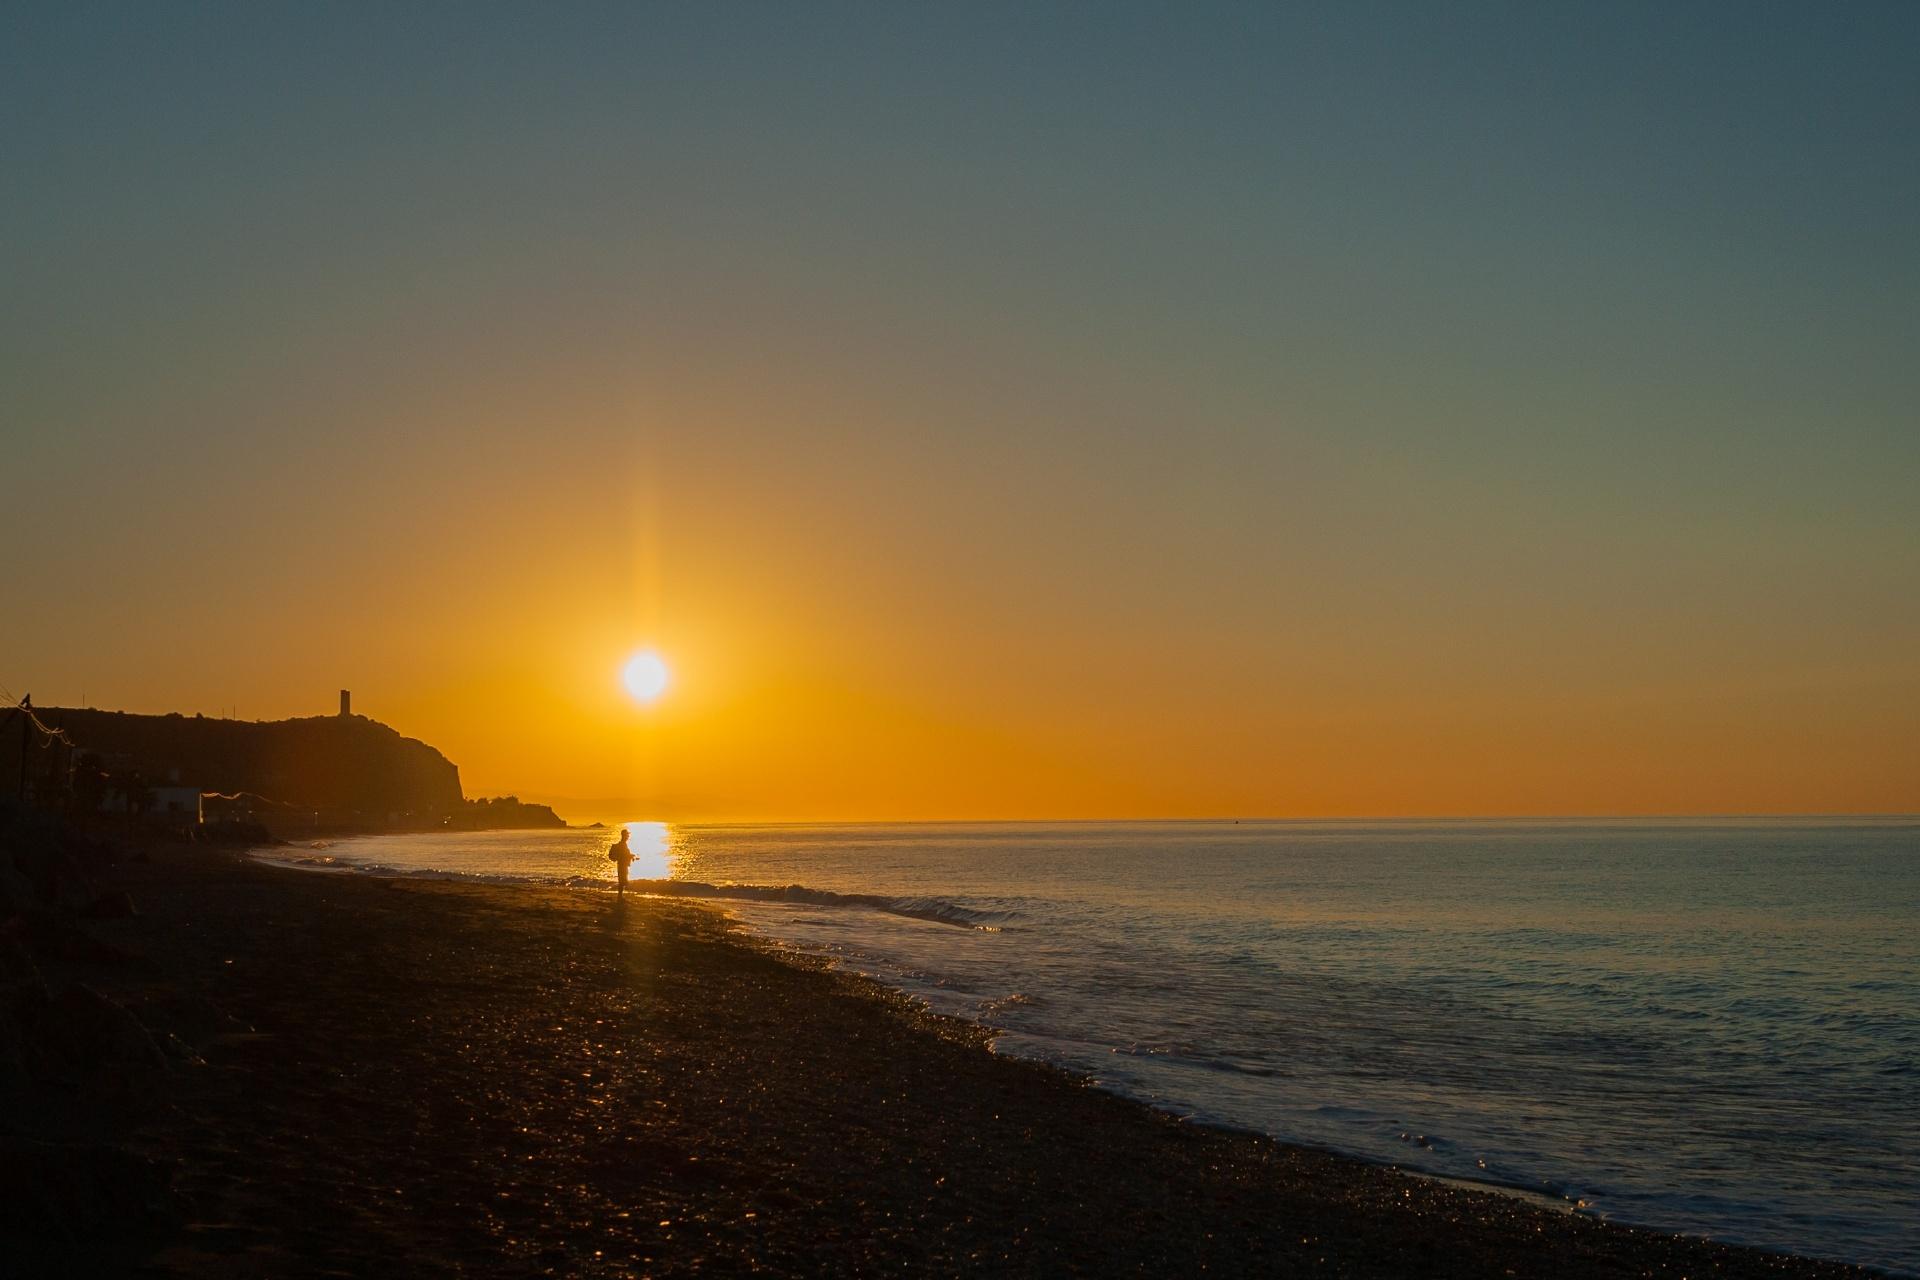 アルブフェイラの朝の風景 ポルトガルの風景